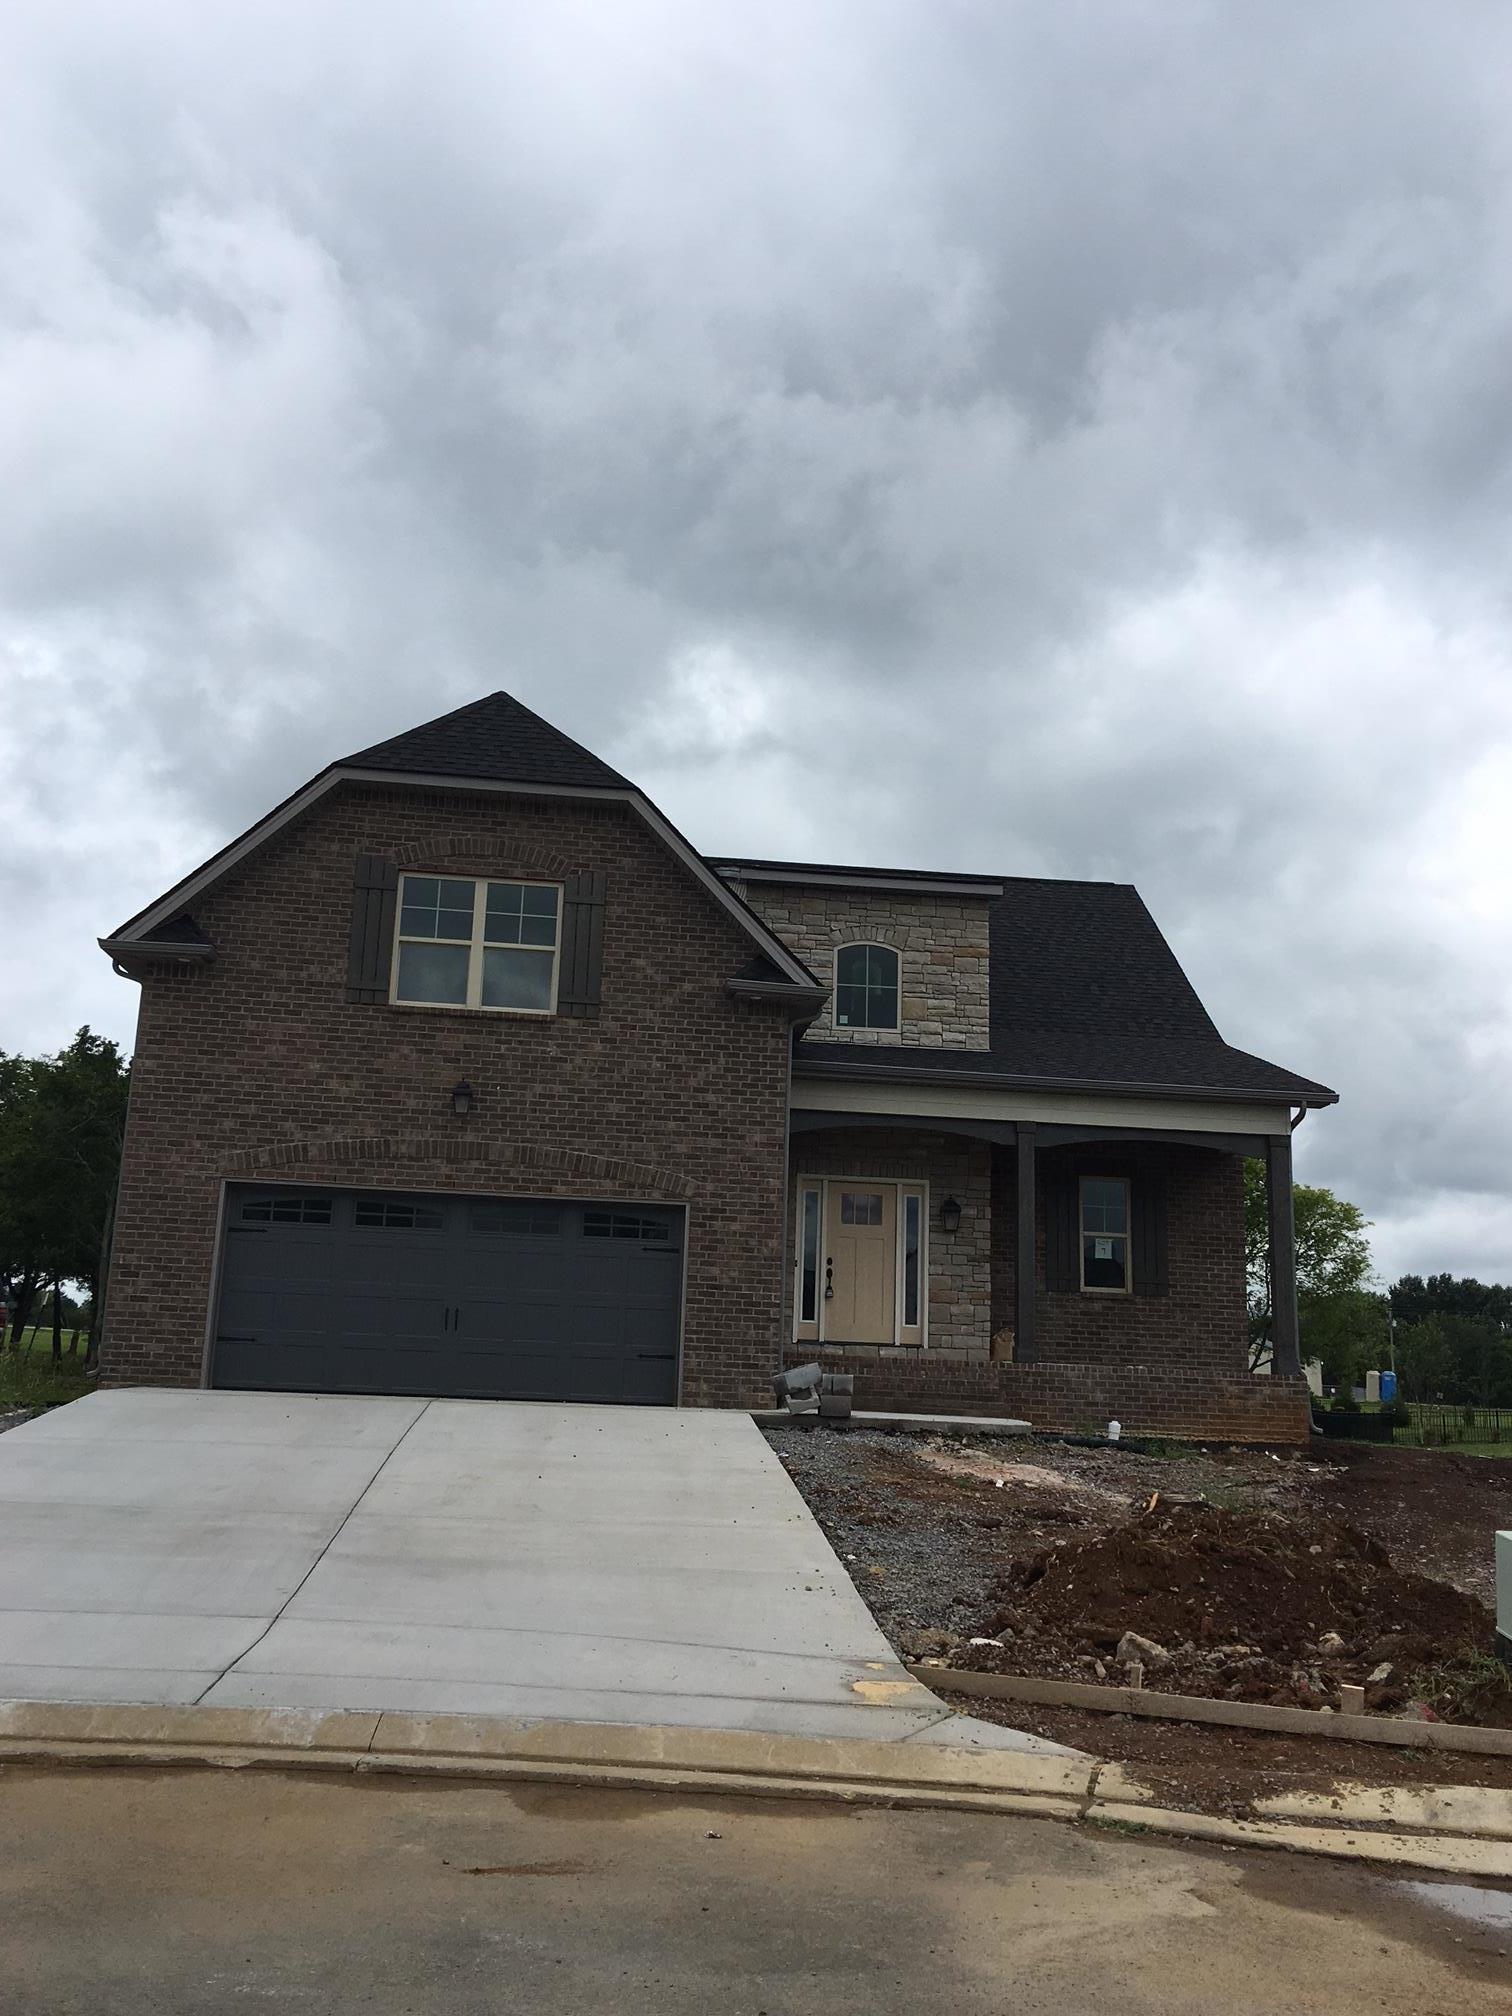 Photo of 3811 Runyan Cove Lot 7  Murfreesboro  TN